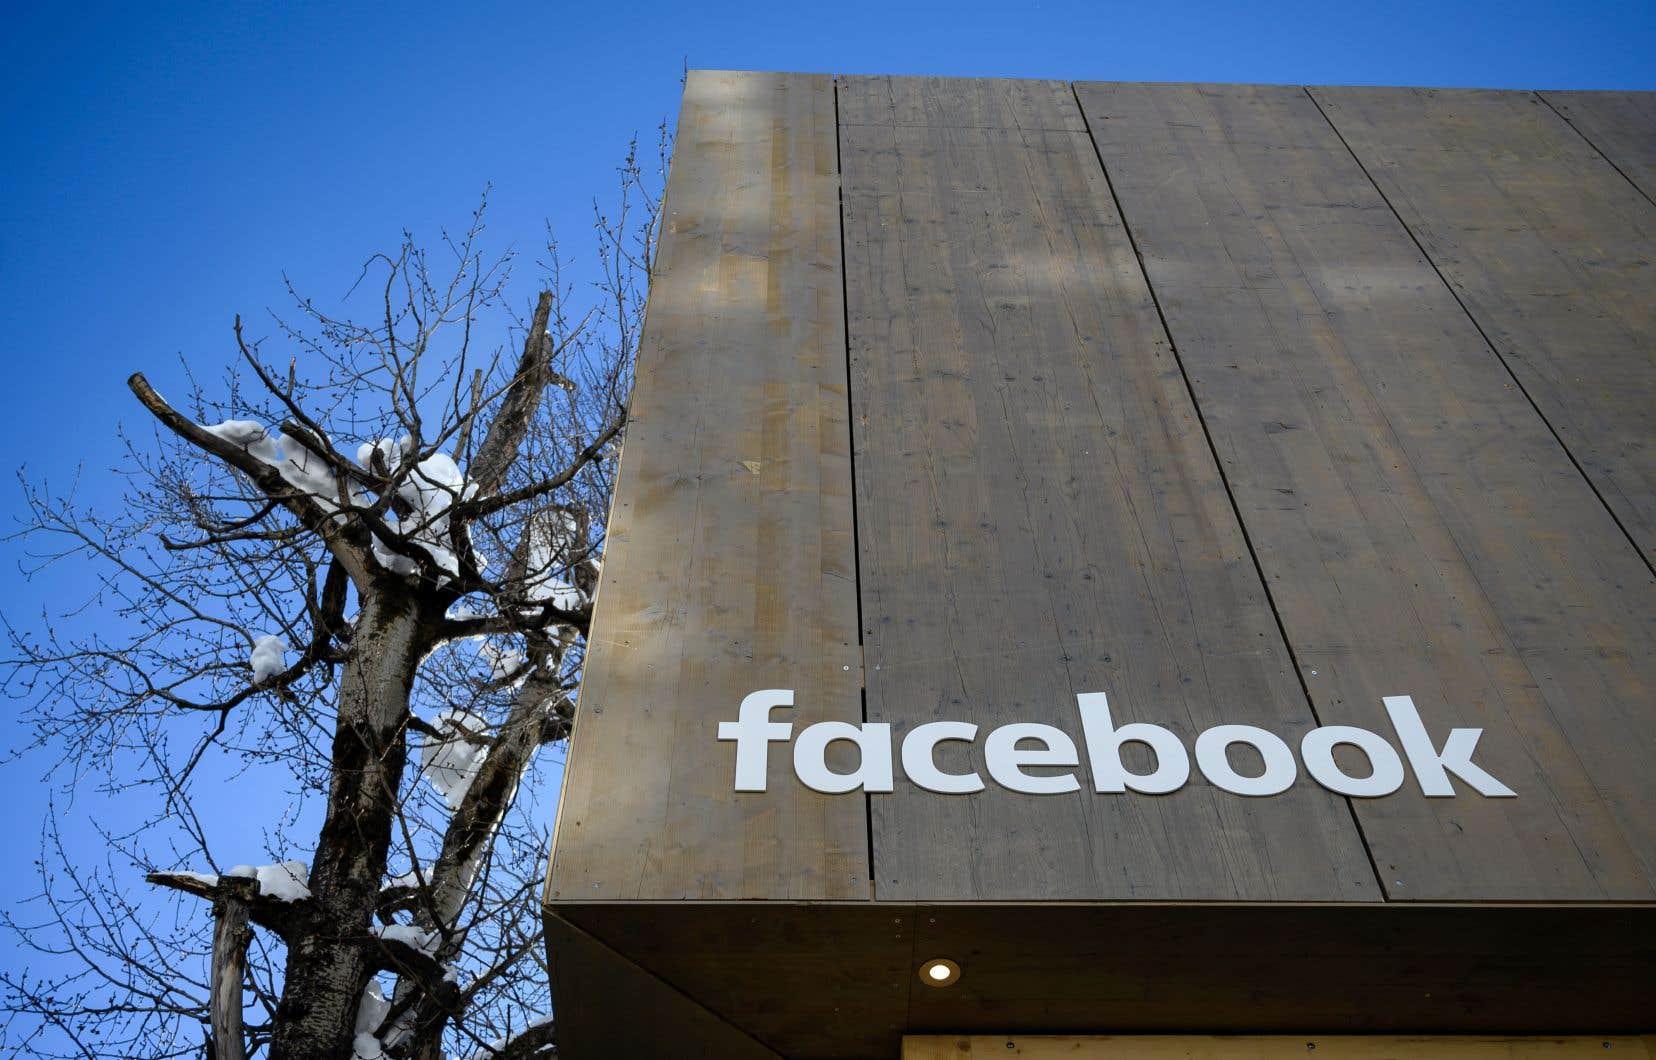 Facebook a du mal à engranger de nouveaux utilisateurs, en particulier dans les pays développés, proches de la saturation.